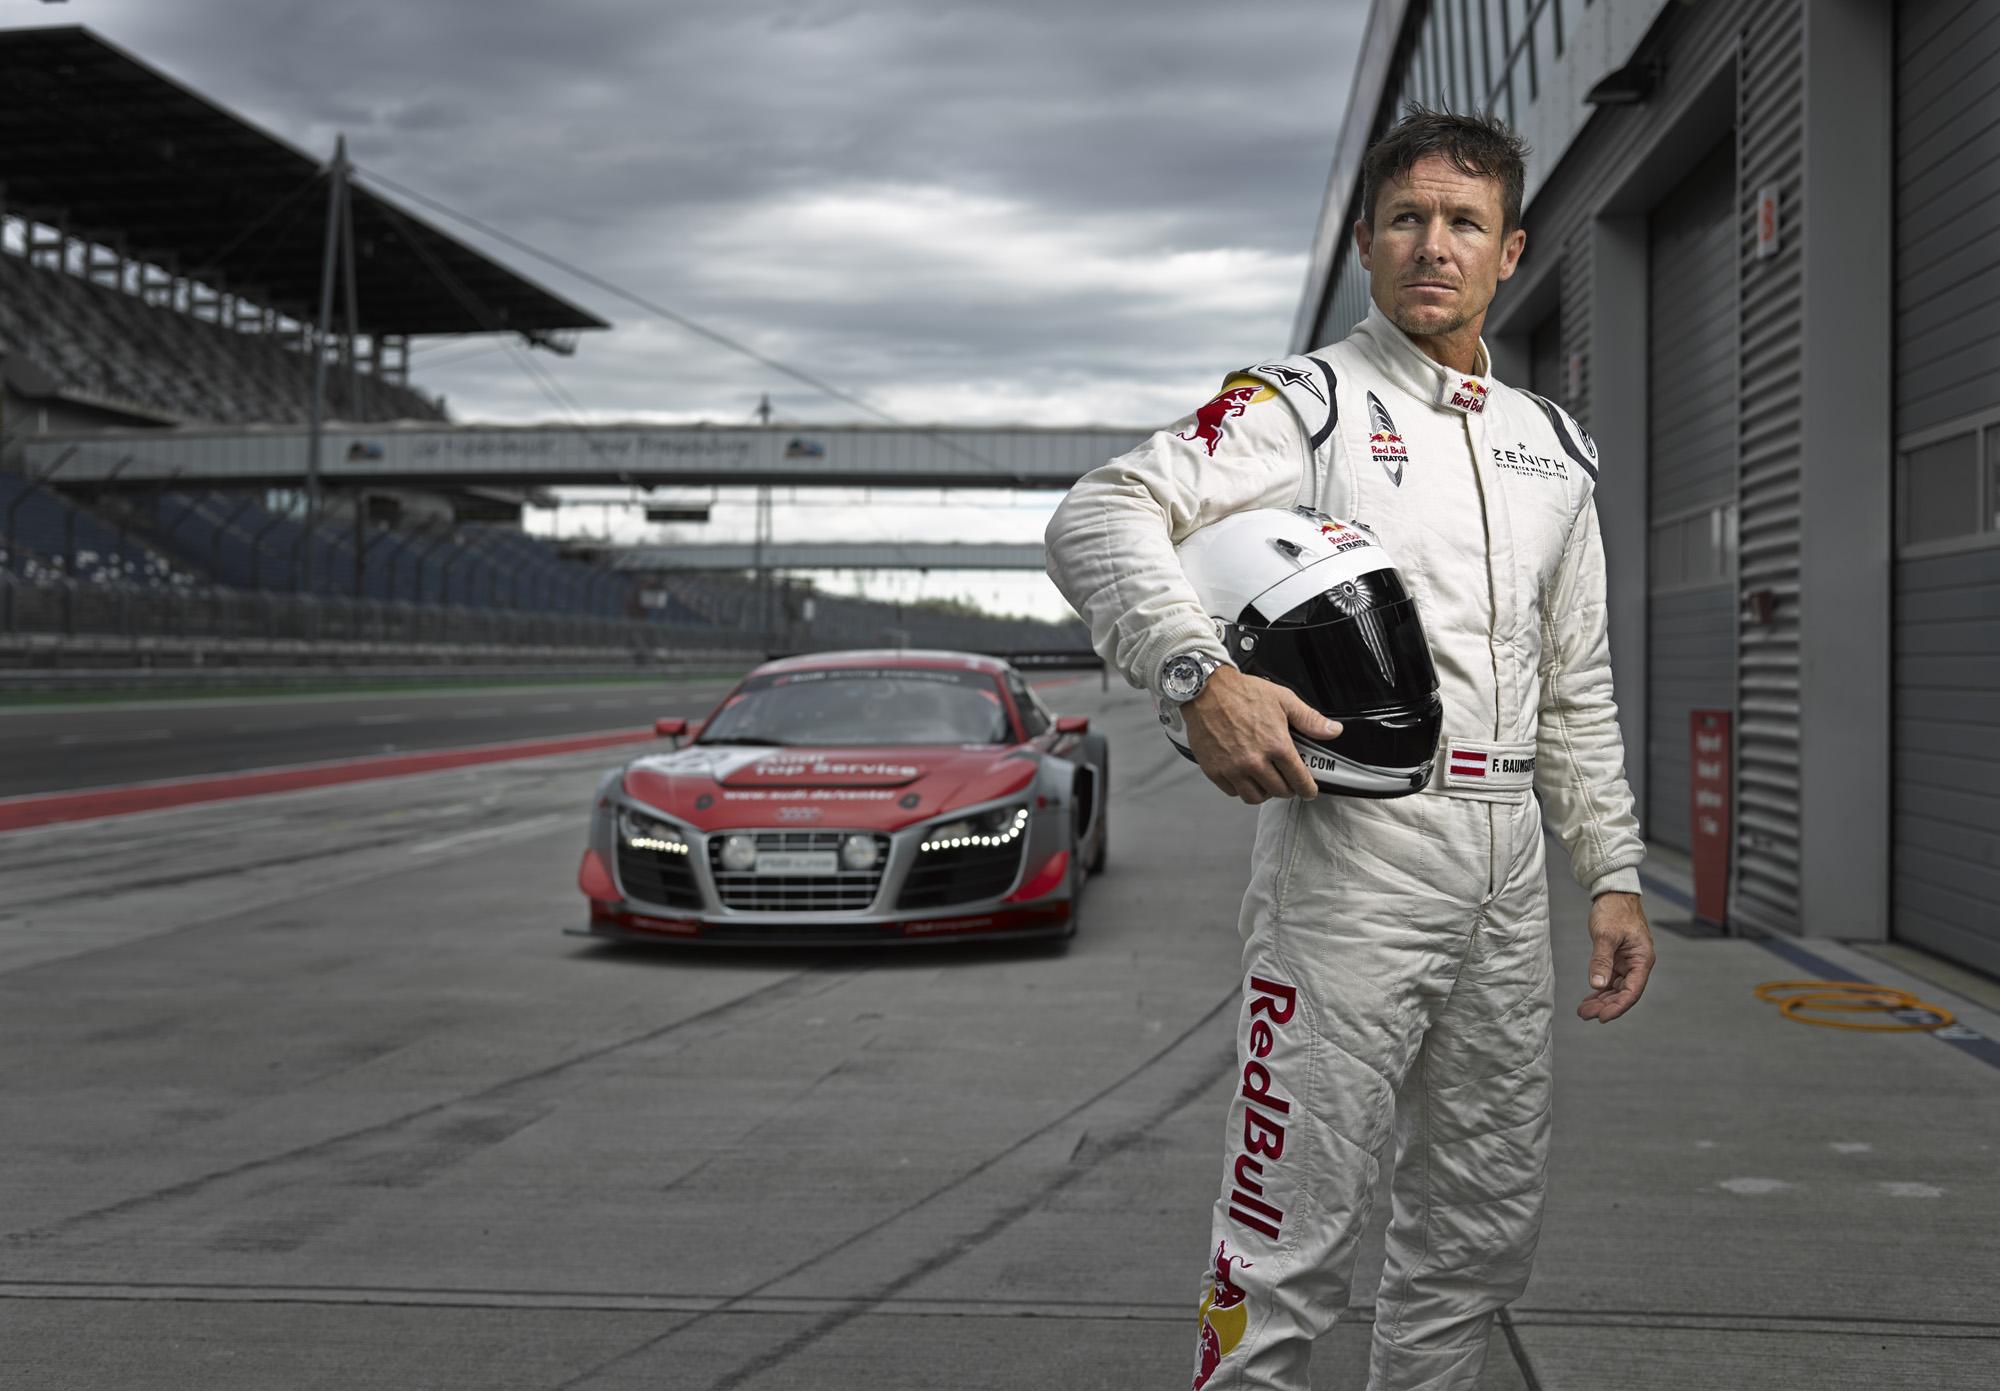 Zenith's Ambassador - Felix Baumgartner to drive Audi R8 LMS at Nürburgring 24 Hours